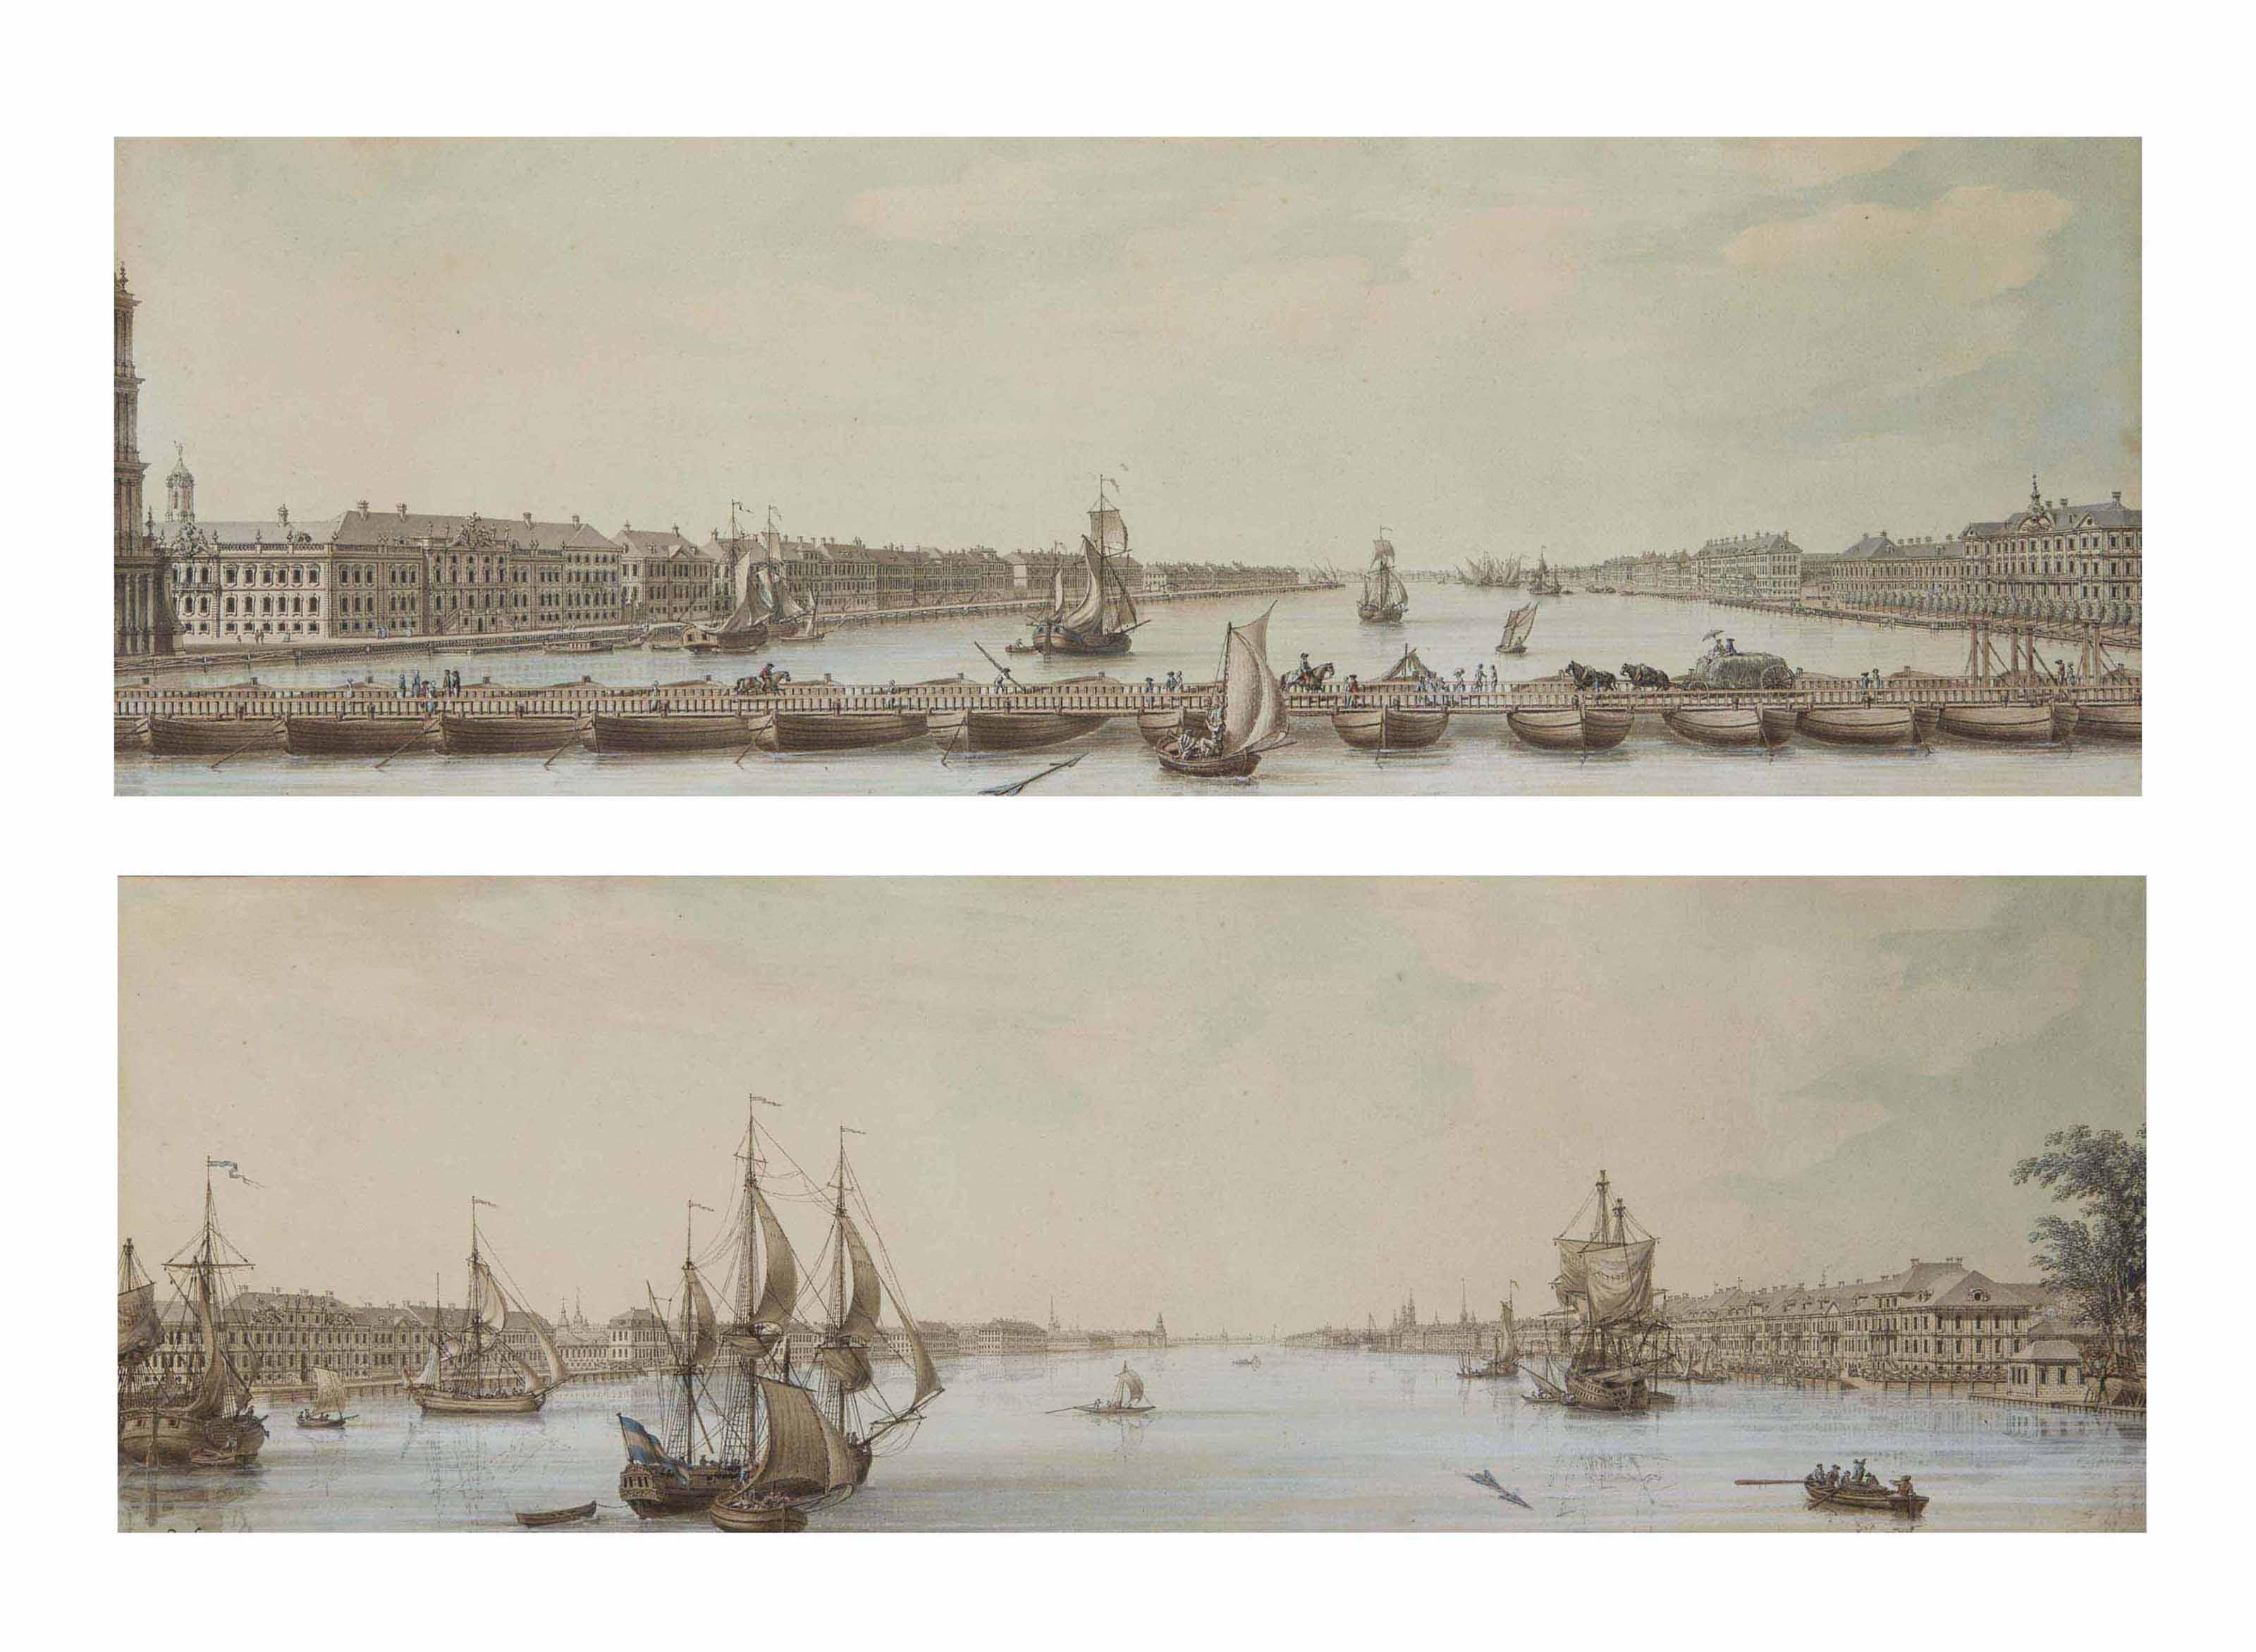 Pont flottant sur la Néva à Saint-Pétersbourg ; et Voiliers sur la Néva à Saint-Pétersbourg